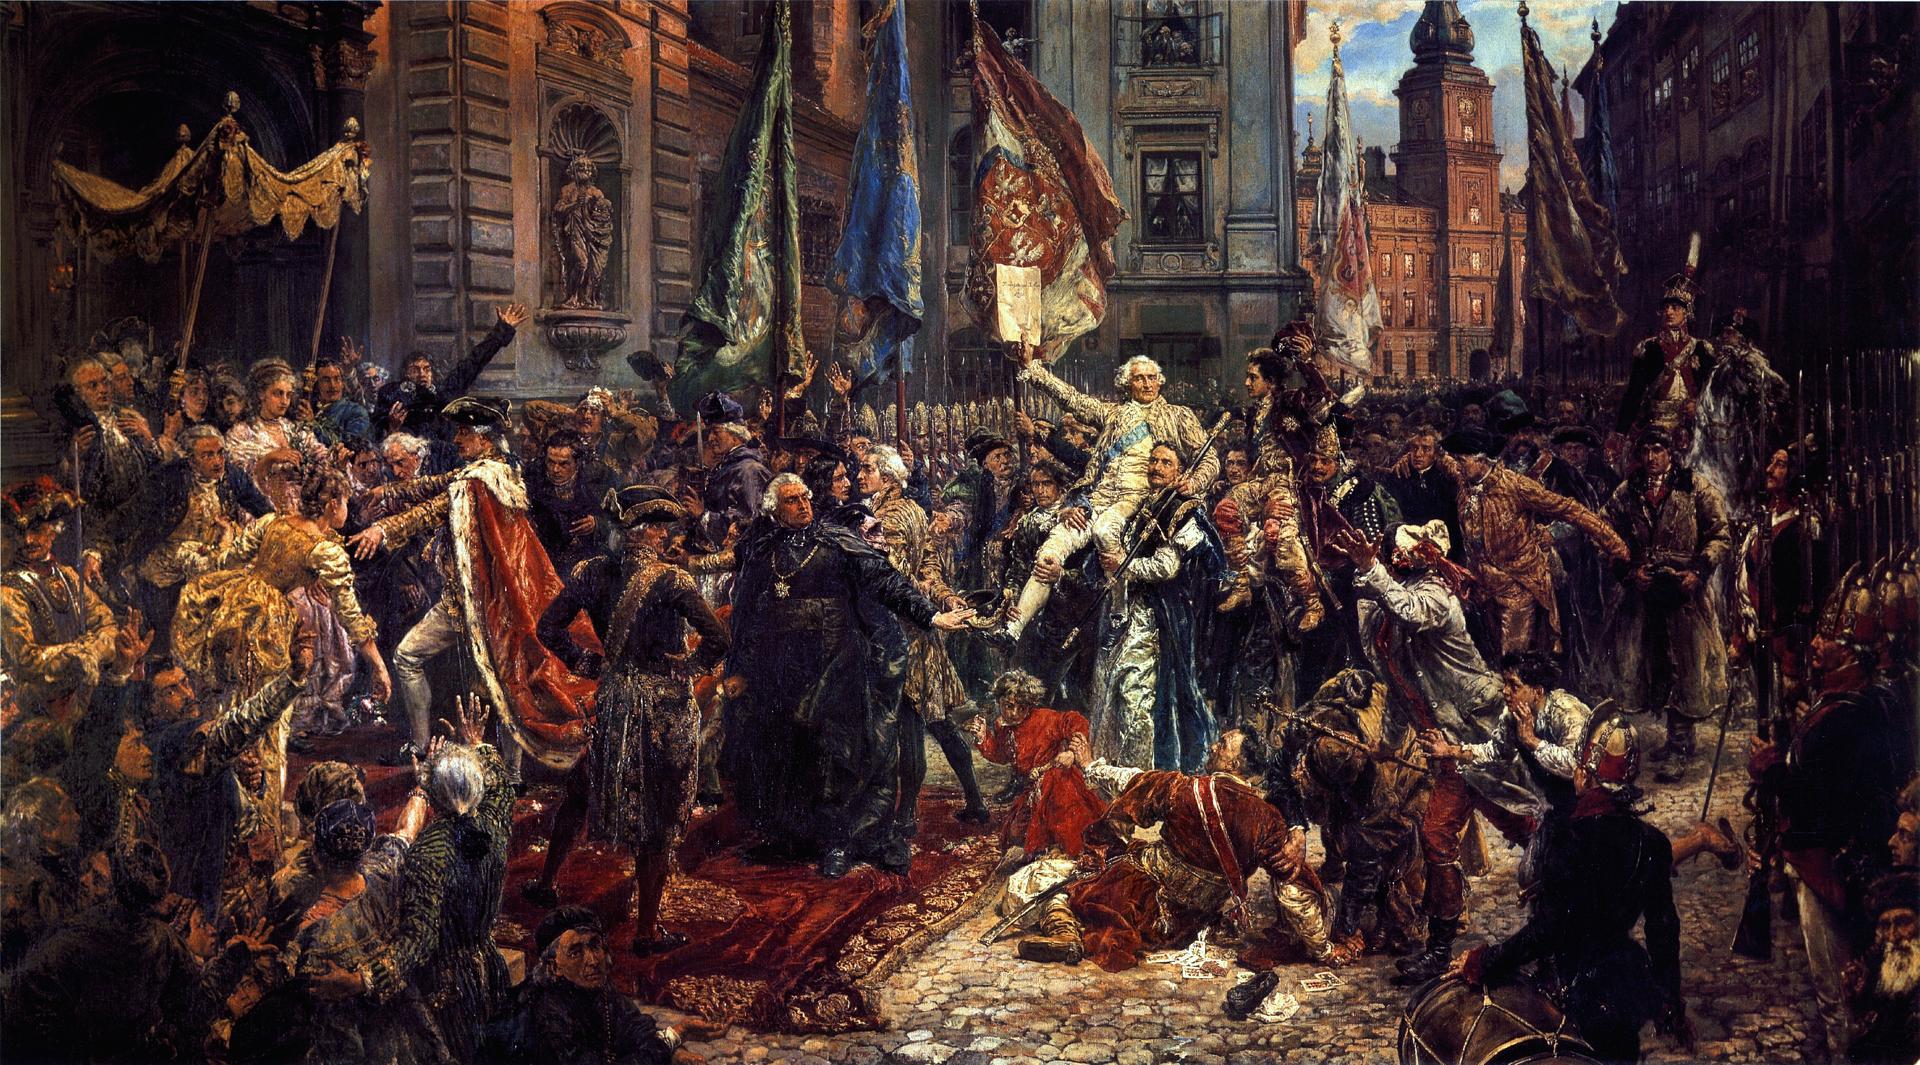 Konstytucja 3 Maja 1791 roku Konstytucja 3 Maja 1791 roku Źródło: Jan Matejko, Konstytucja 3 Maja 1791 roku, 1891, Zamek Królewski wWarszawie, domena publiczna.